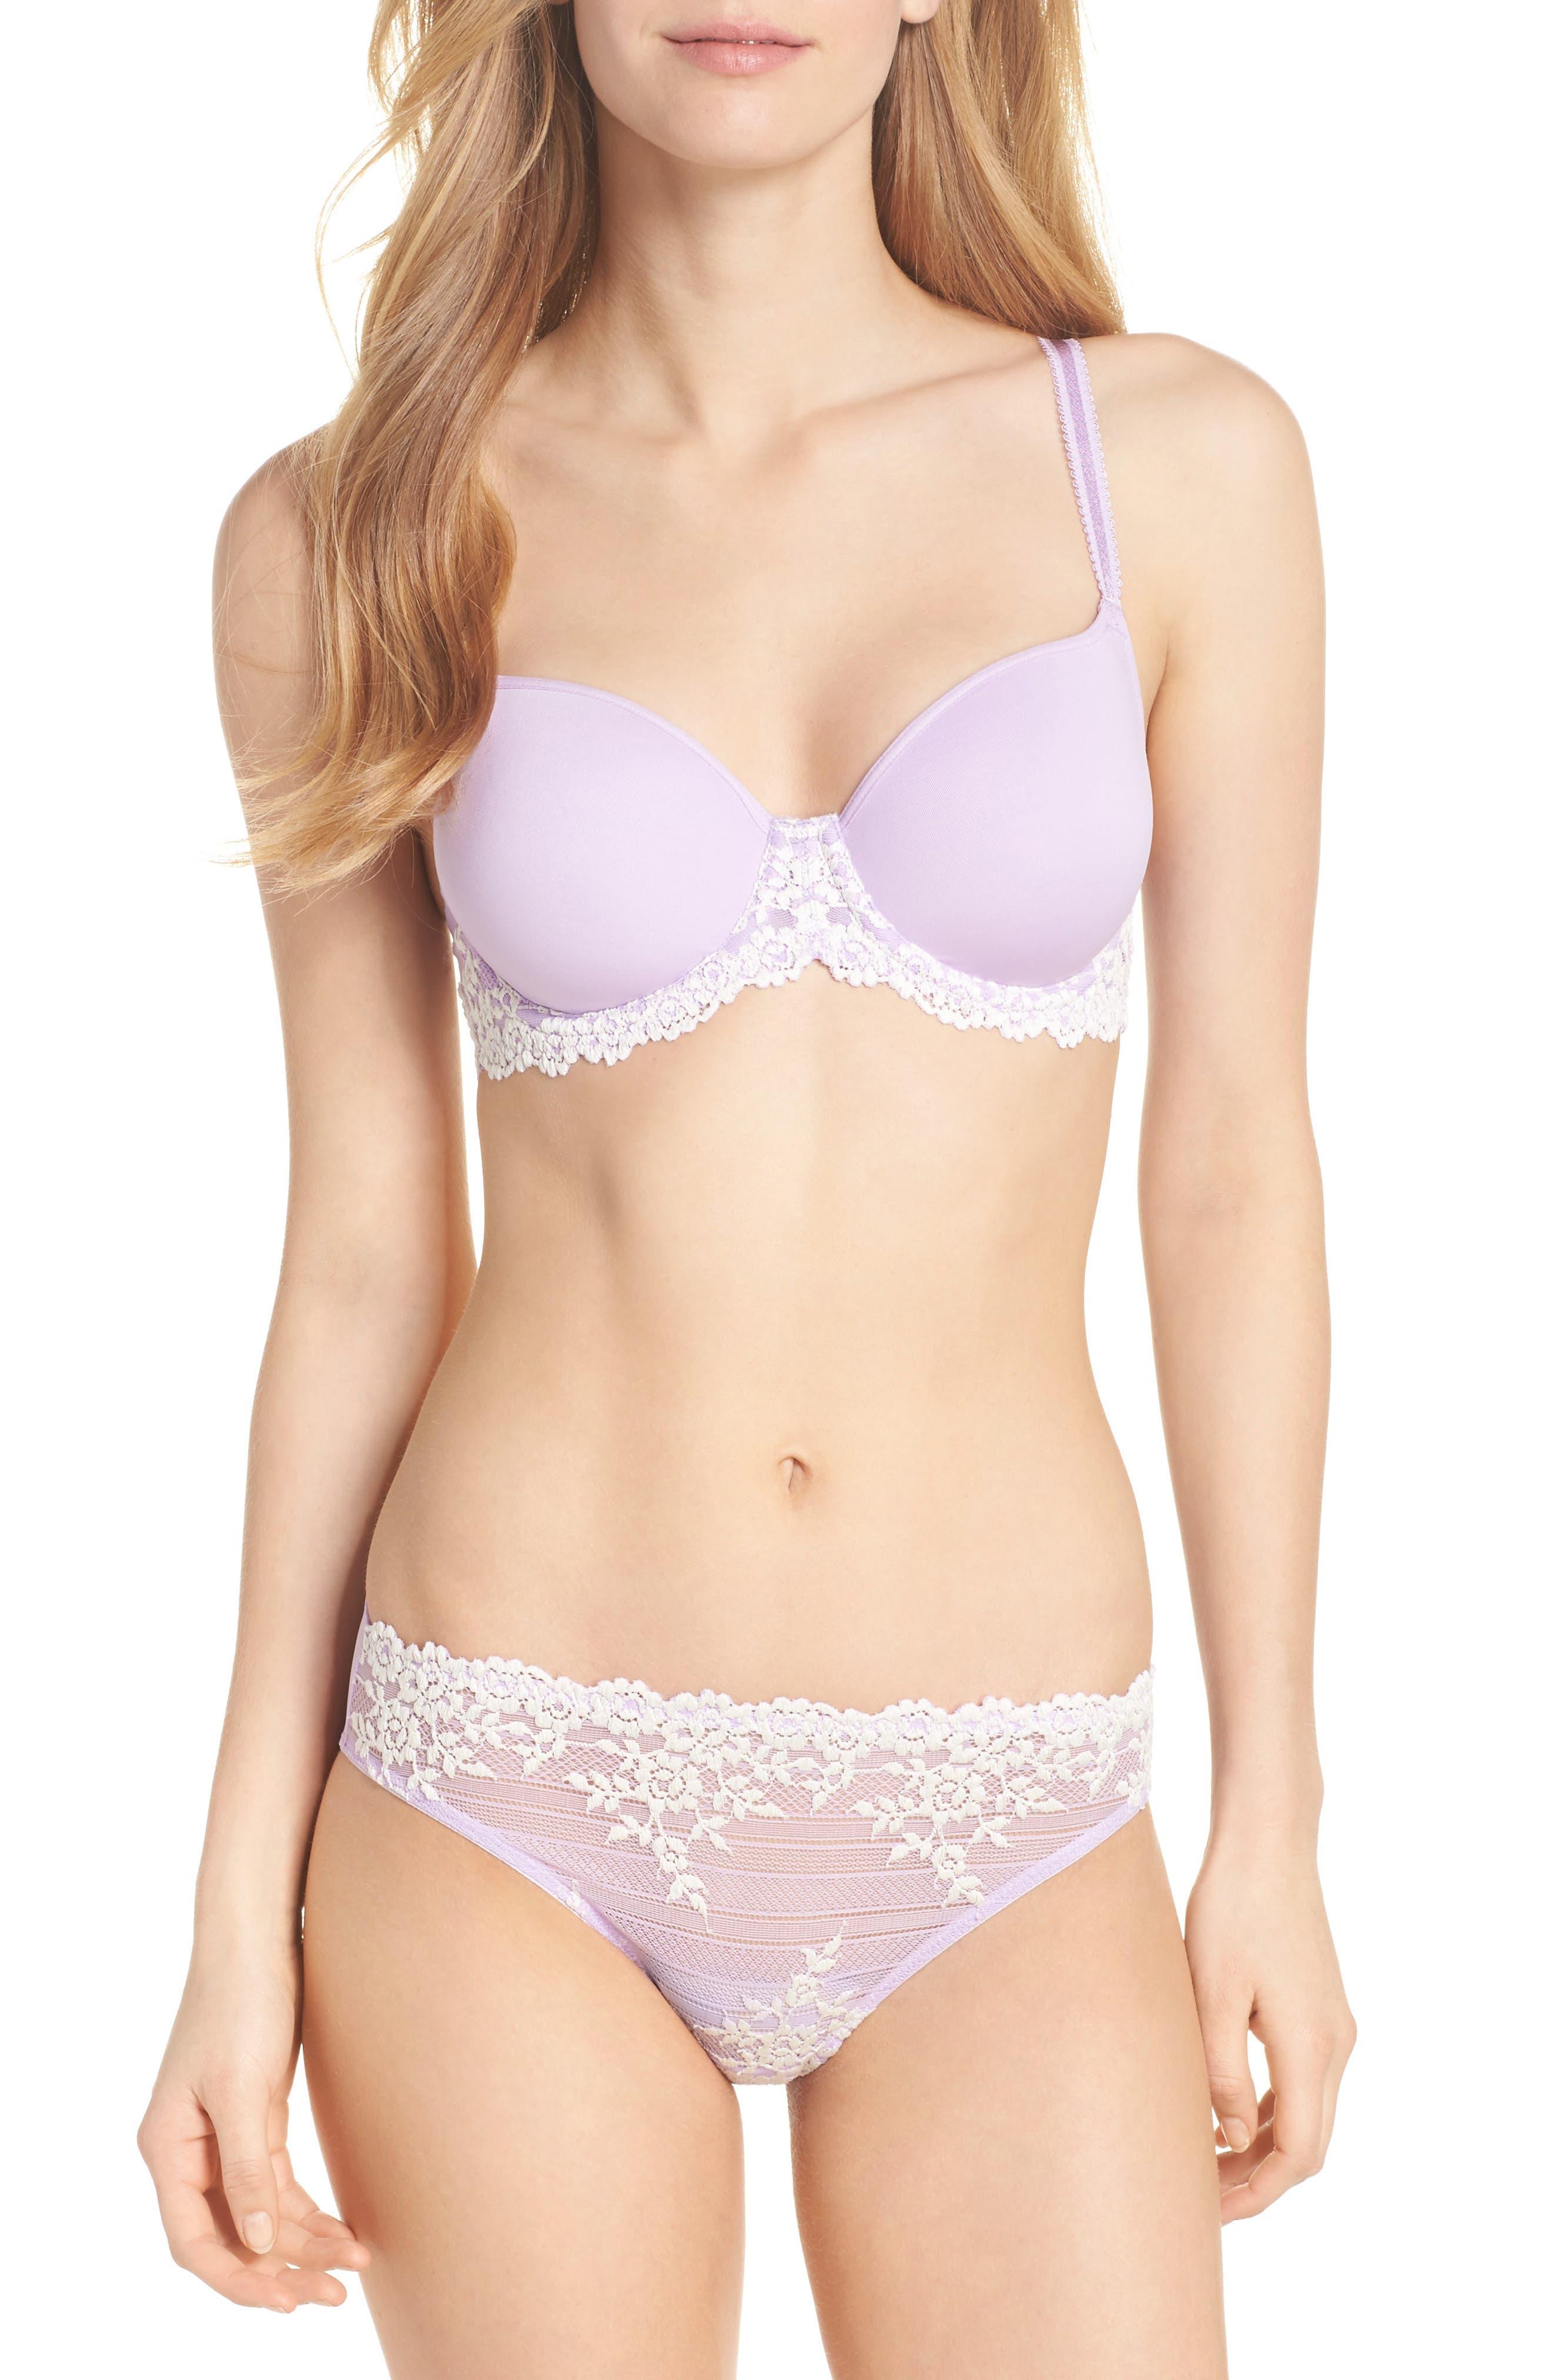 'Embrace' Lace Bikini,                             Alternate thumbnail 3, color,                             Lavender